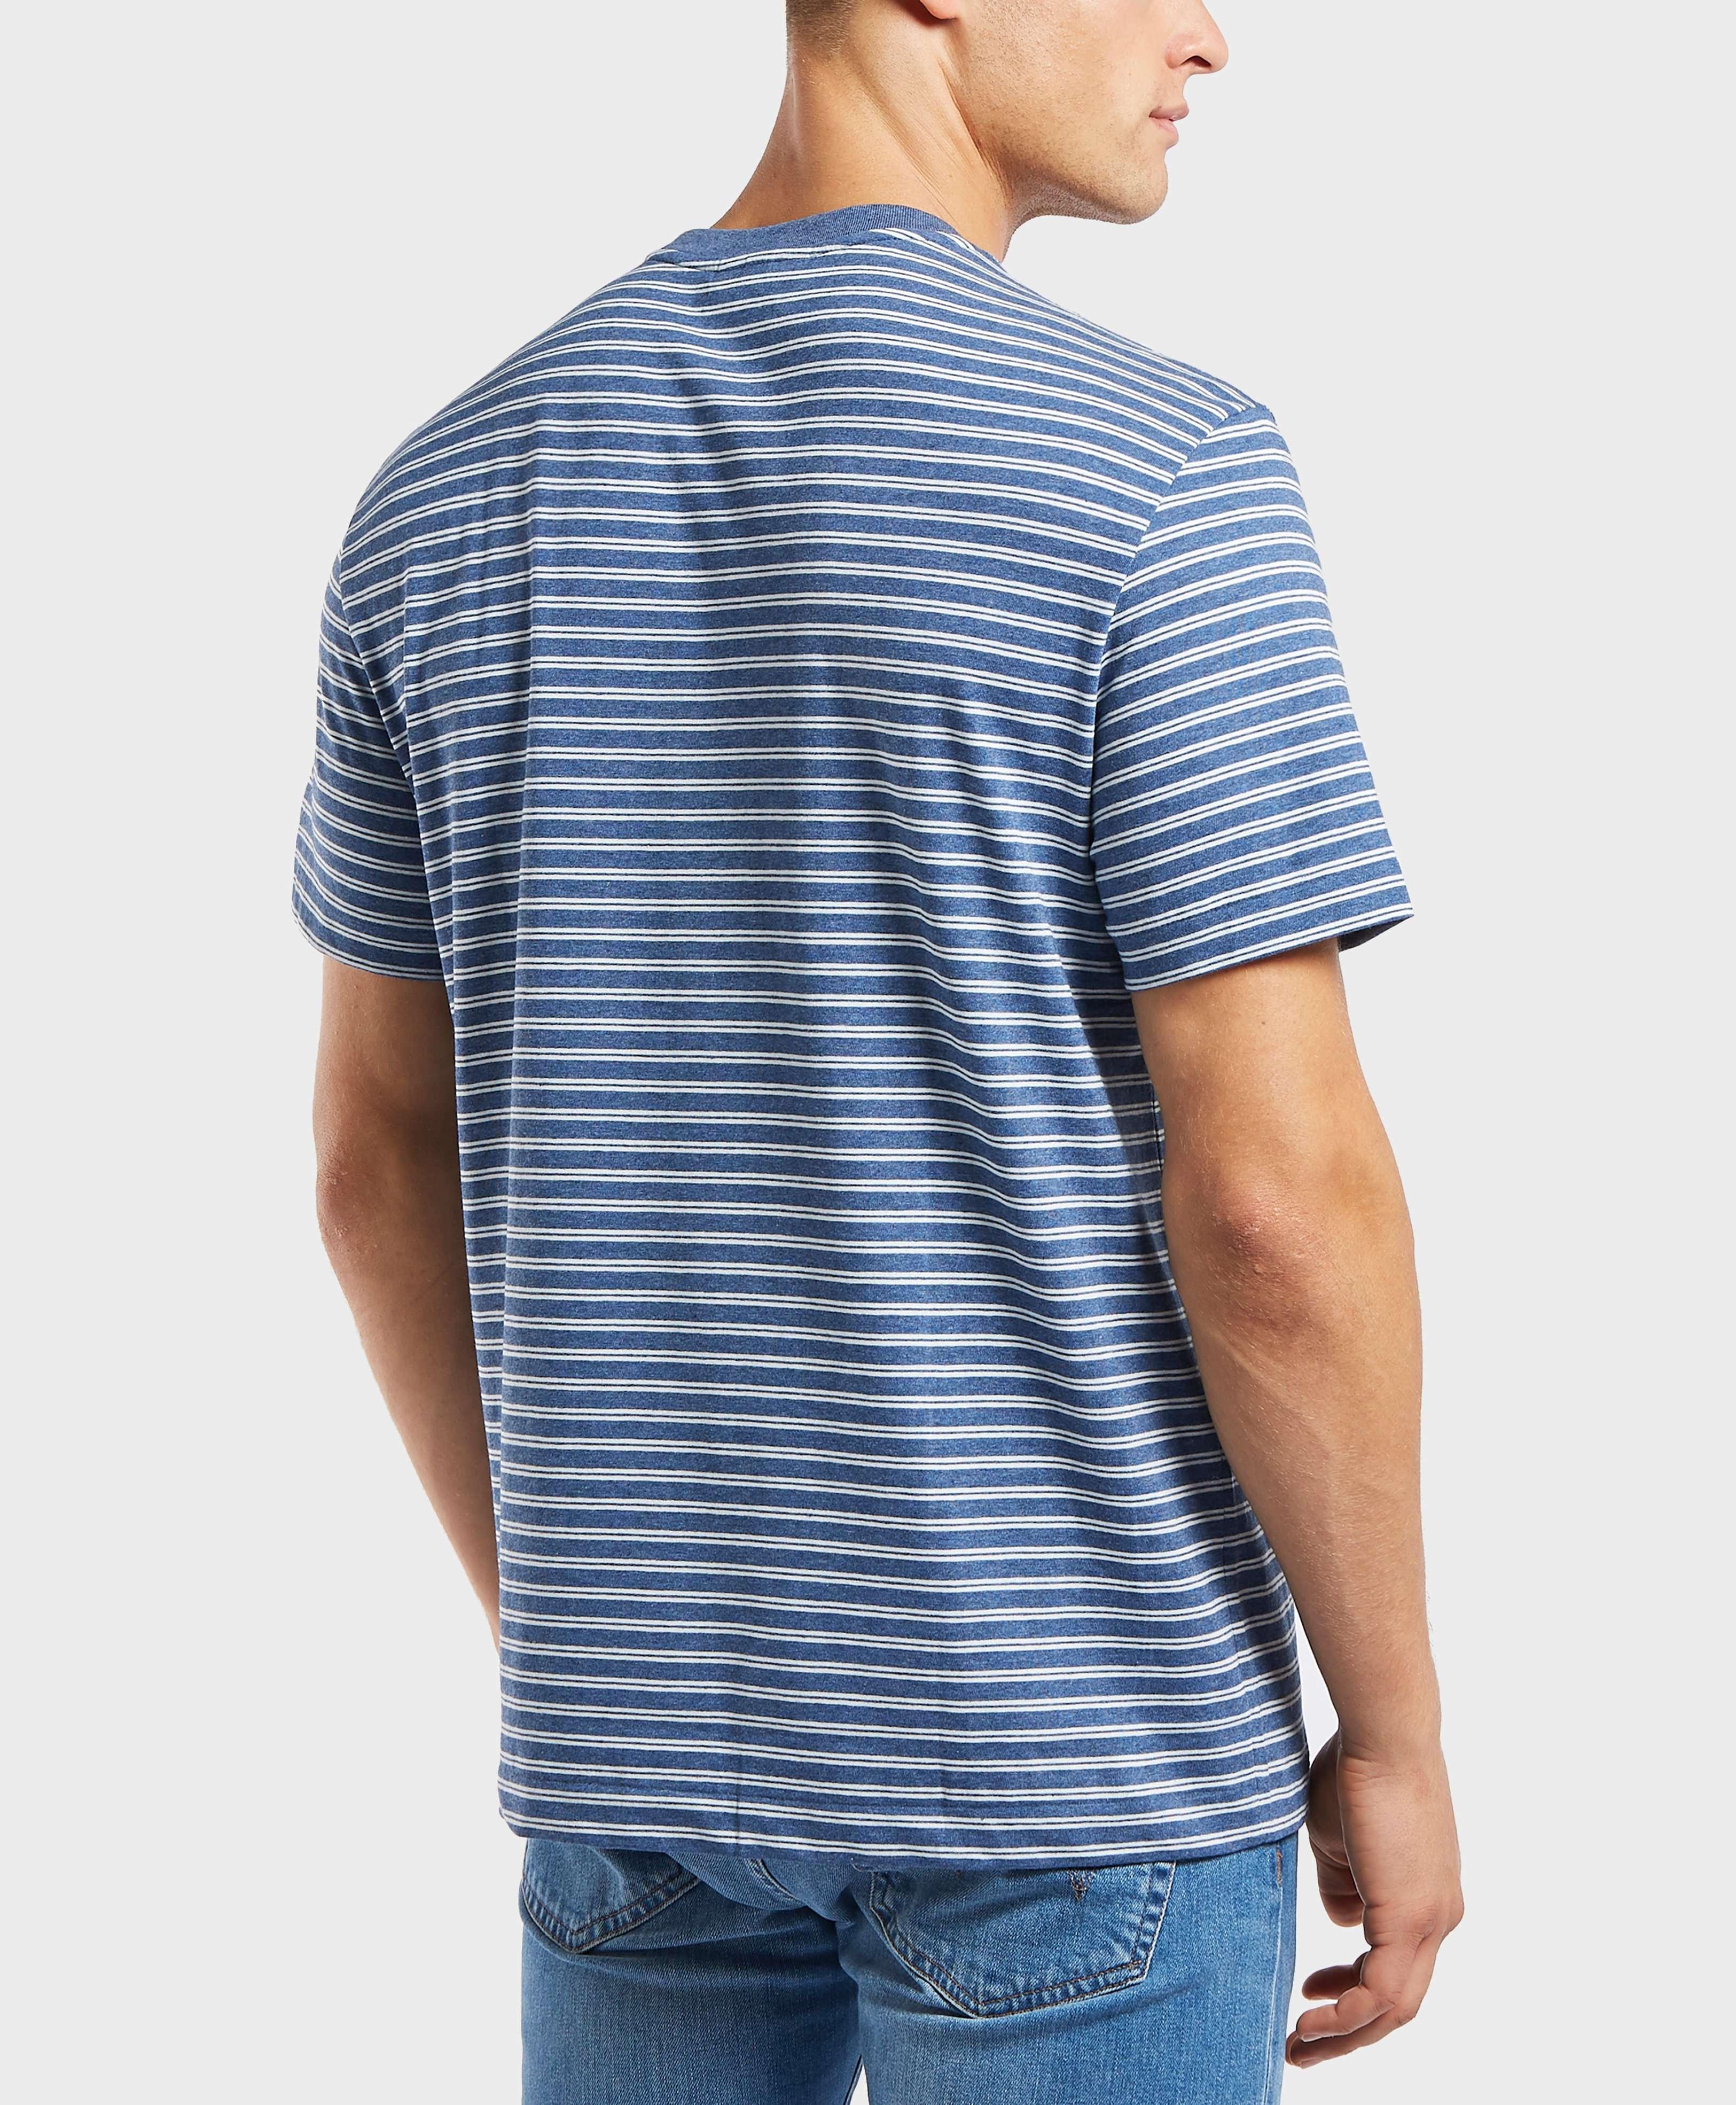 Lacoste Stripe Jersey Short Sleeve T-Shirt